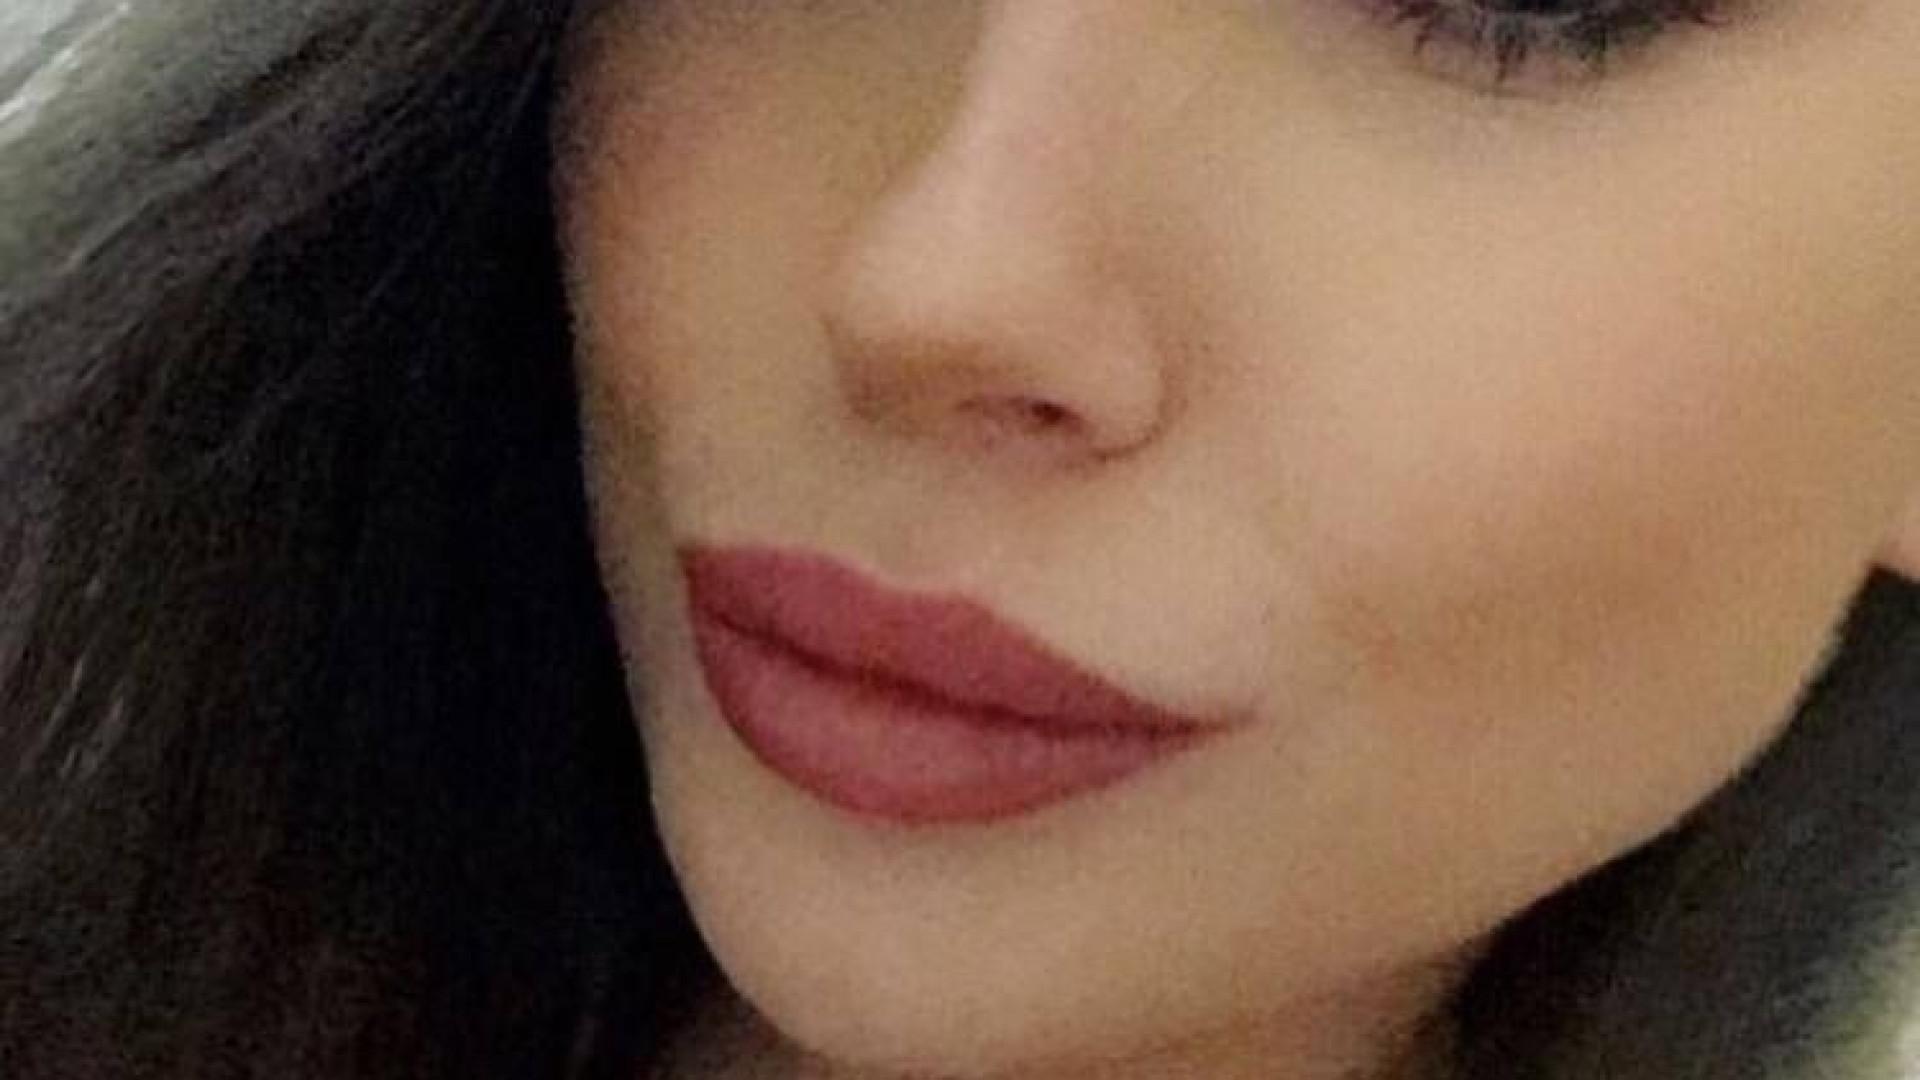 Empresária levou 'ex' do namorado a querer suicidar-se ao revelar fotos